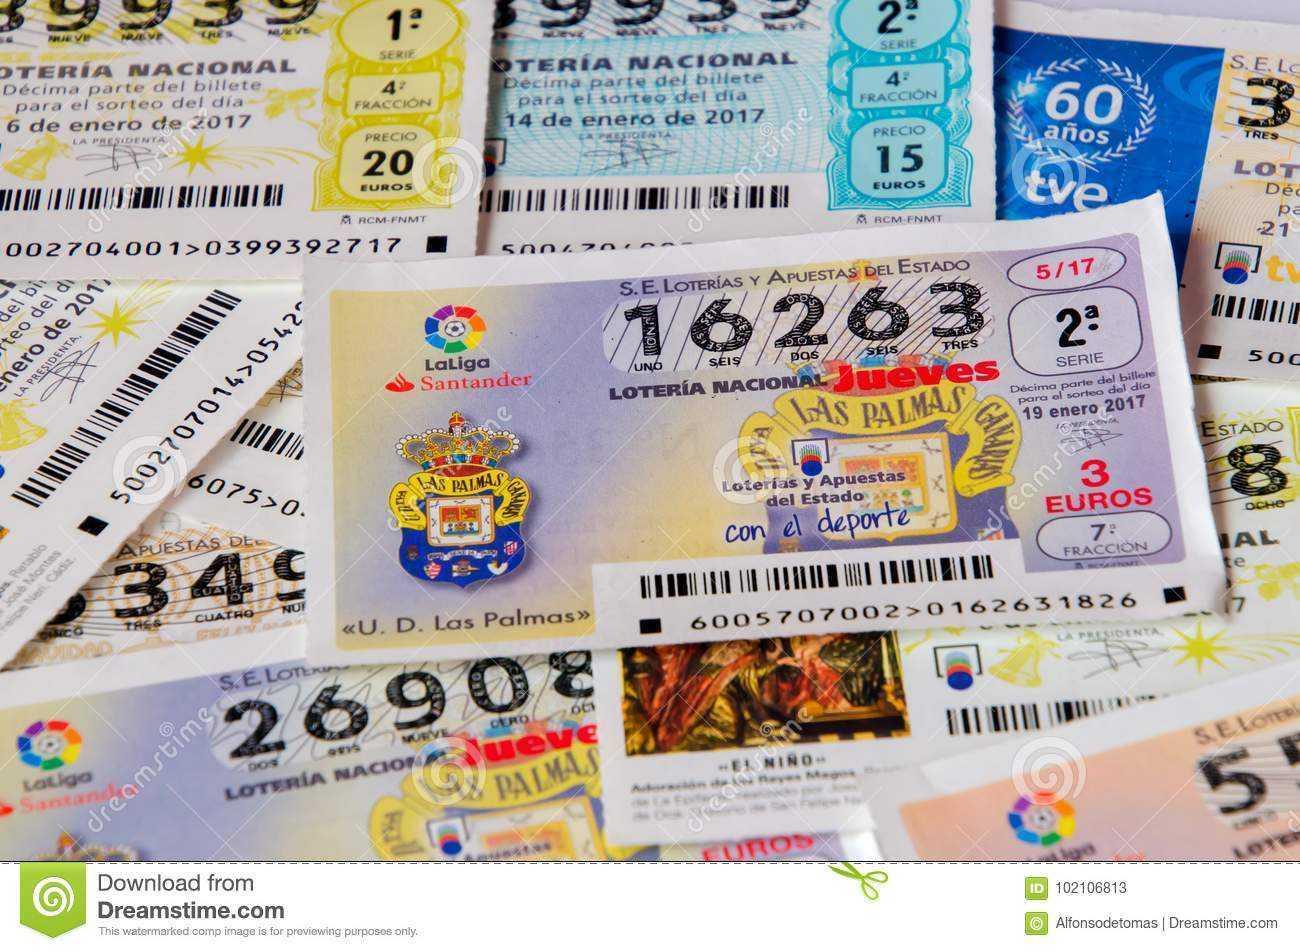 Quy tắc của trò chơi ở loteria nacional dành cho cư dân của Nga, đánh giá của người chơi | xổ số lớn